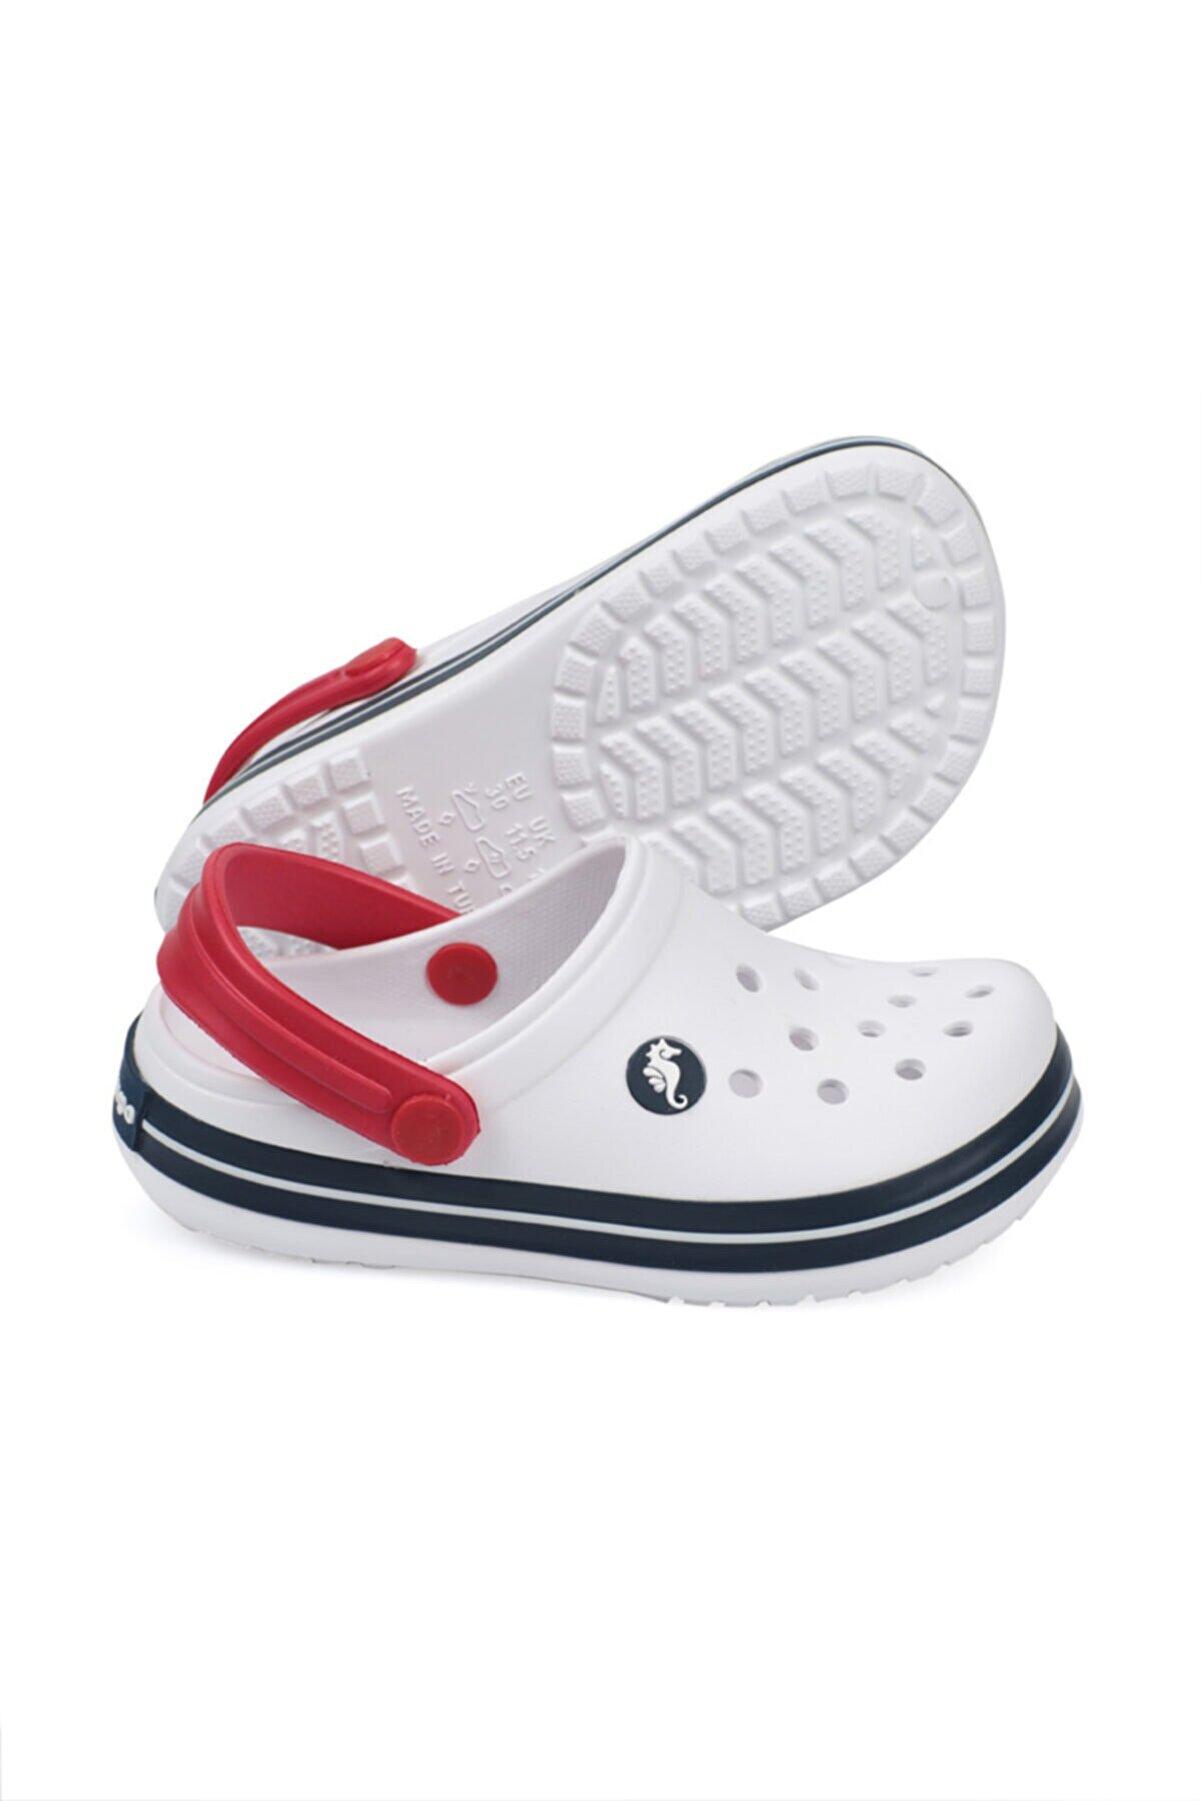 Ippocampo Çocuk Unisex Sandalet Terlik